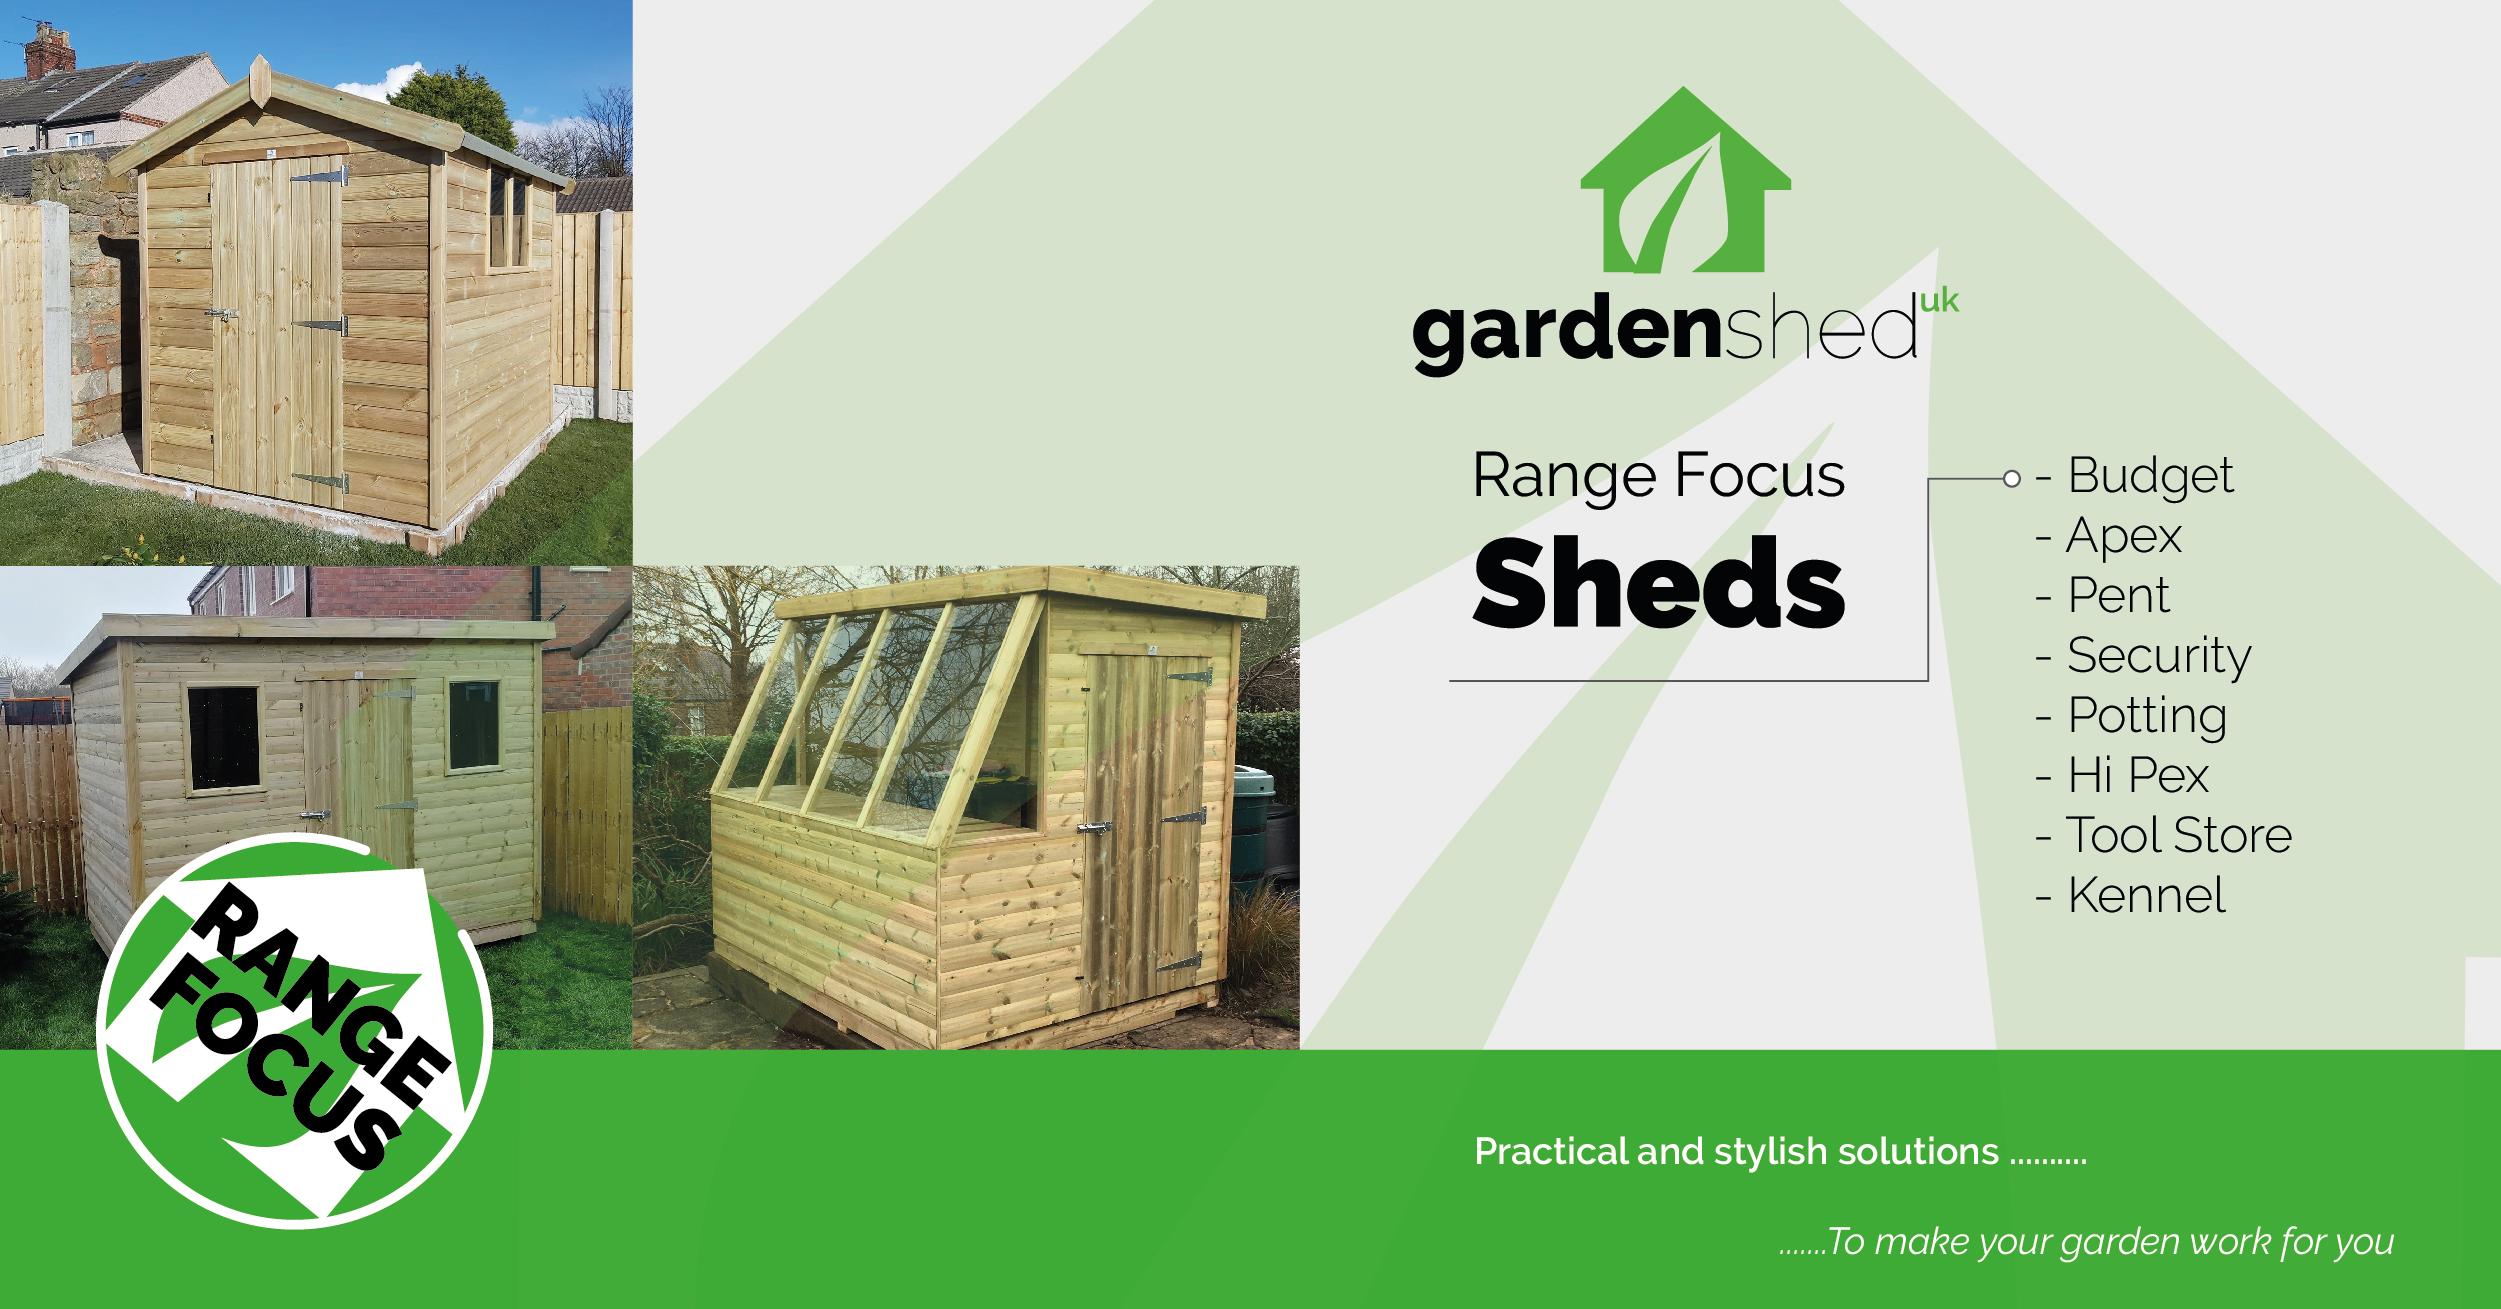 GardenShedUK Range Focus: Sheds